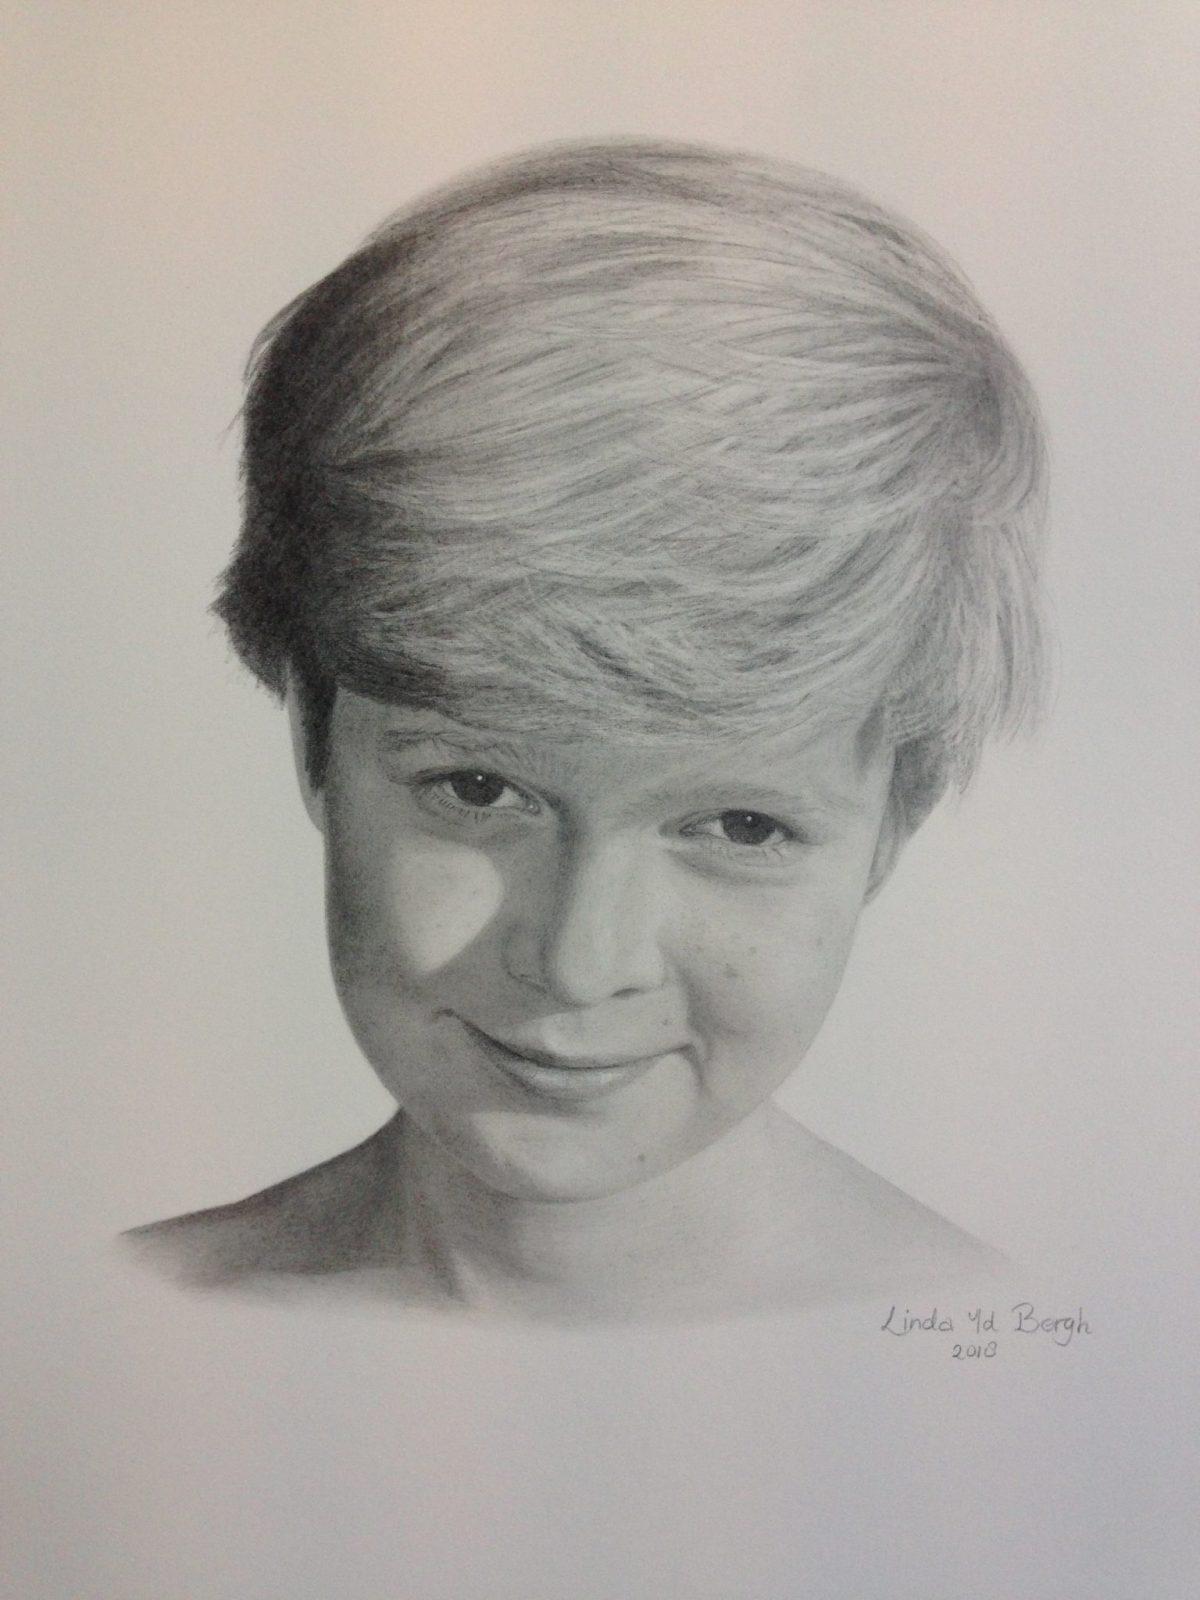 Kinderportret in opdracht, getekend met potlood door linda vd bergh